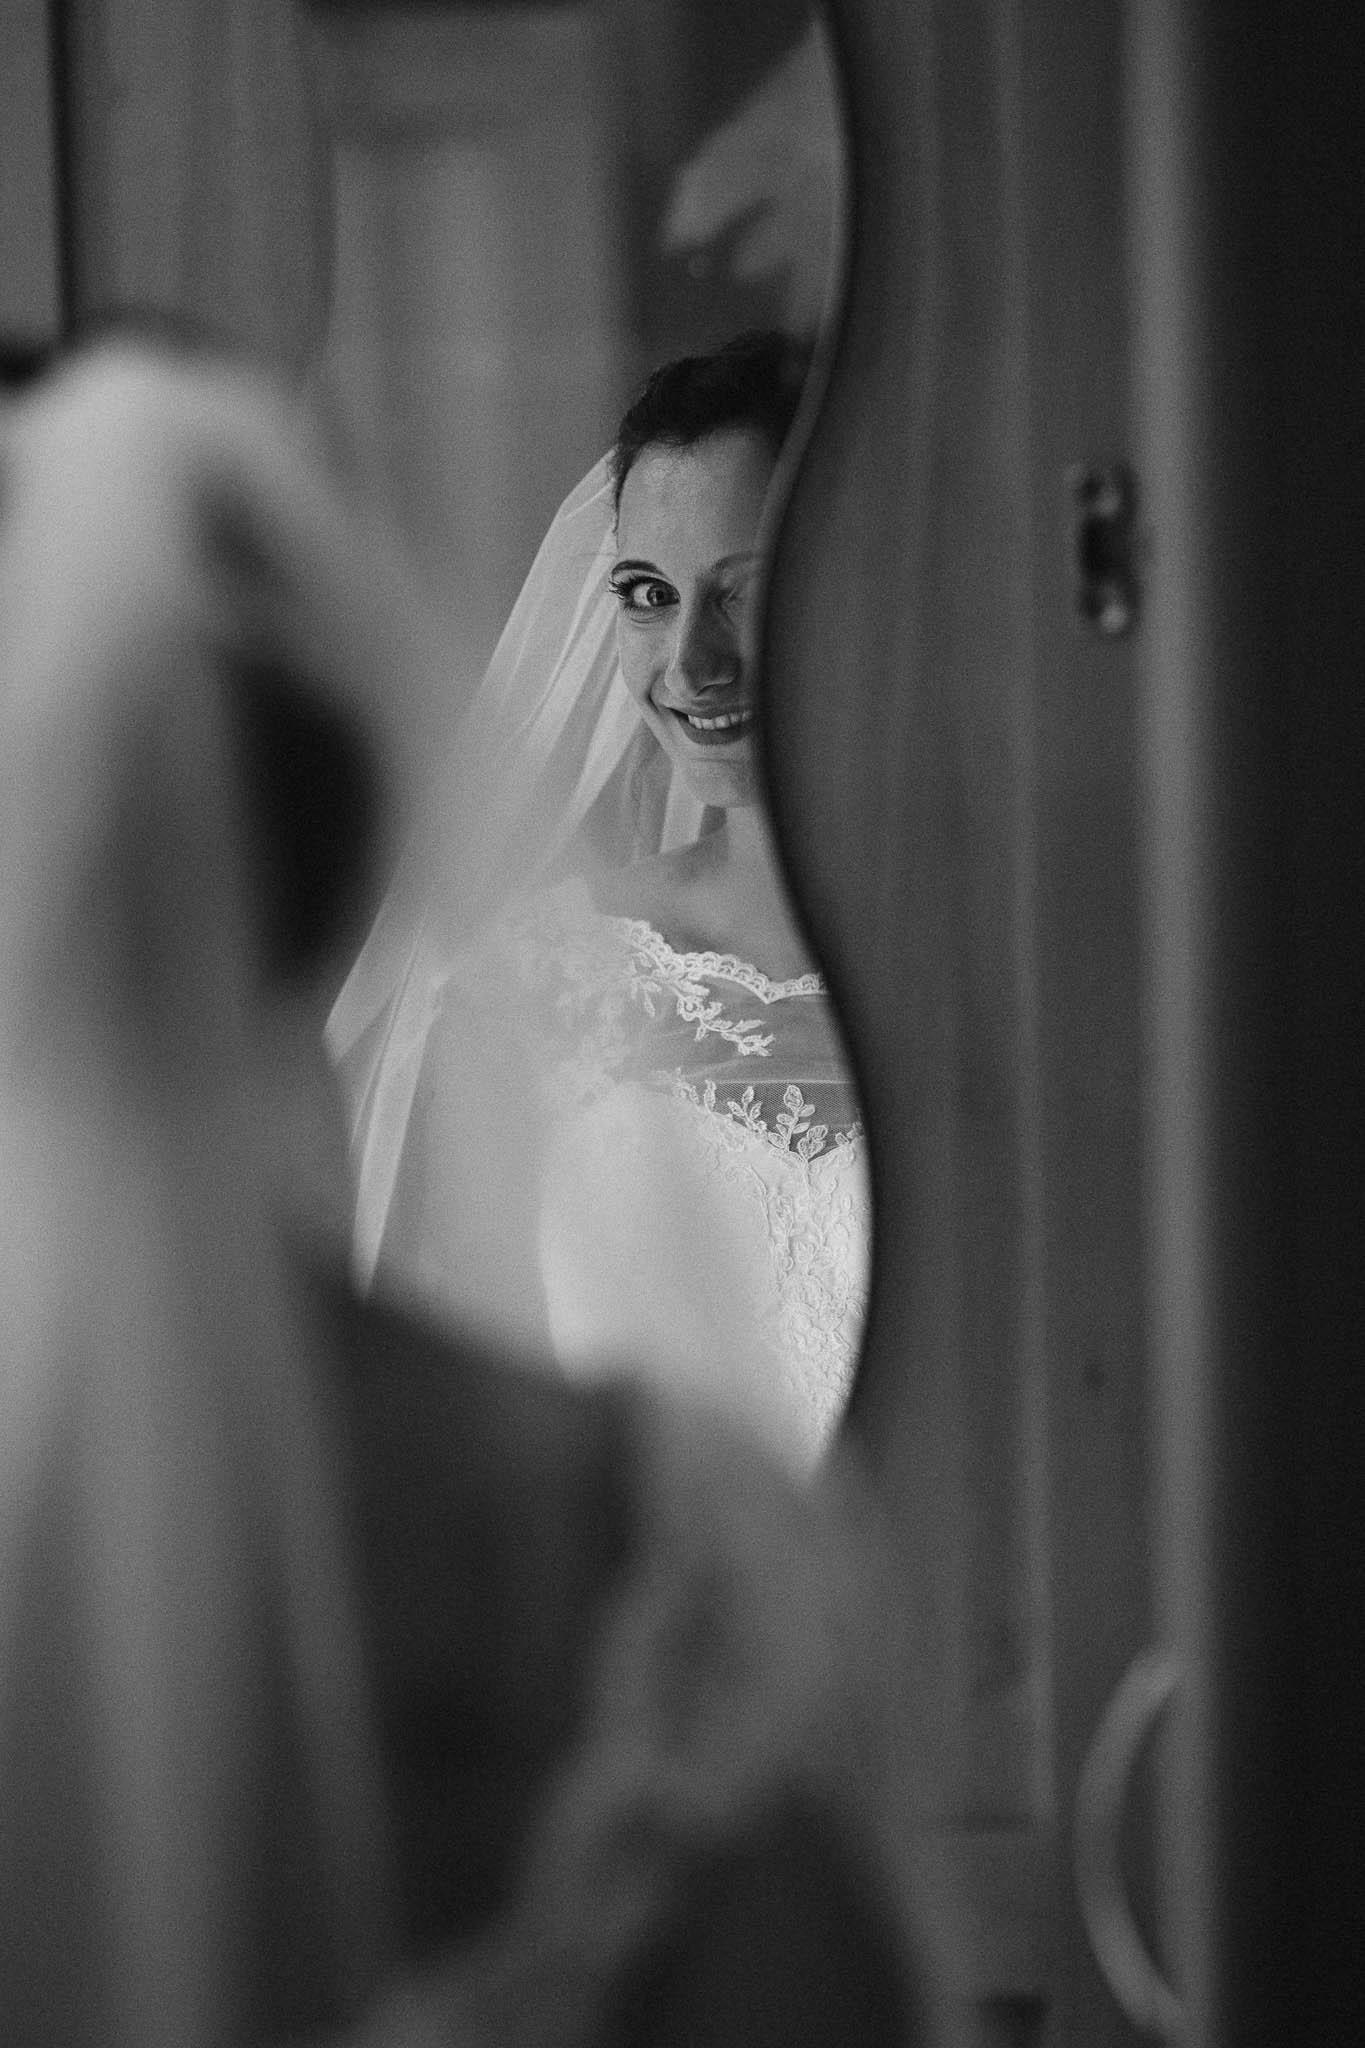 Hochzeitsfotograf Monzernheim: freie Trauung von Sarah & Patrick 12